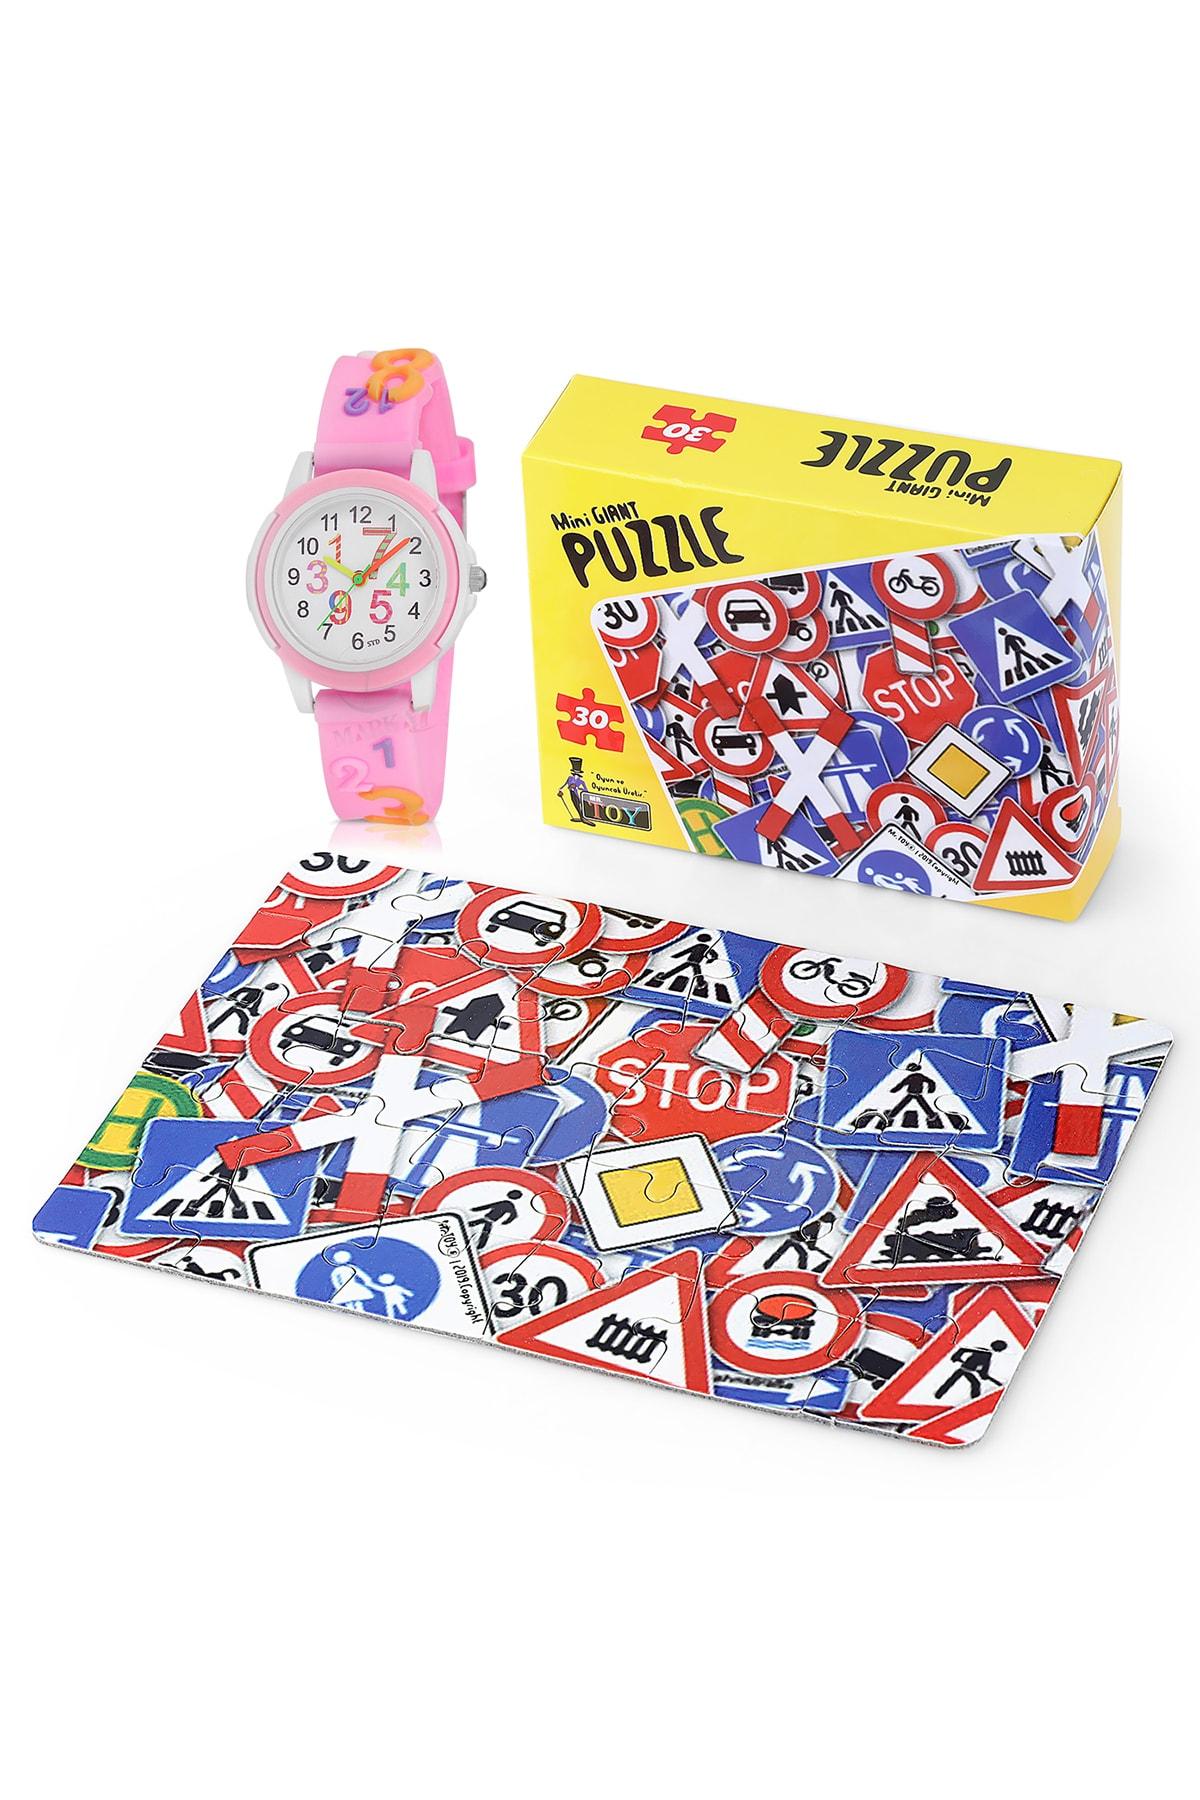 Polo Air Çocuk Kol Saati Ve Eğitici 30 Parça Mini Puzzle Hediyesi Ile Birlikte Ck-0019c8 1